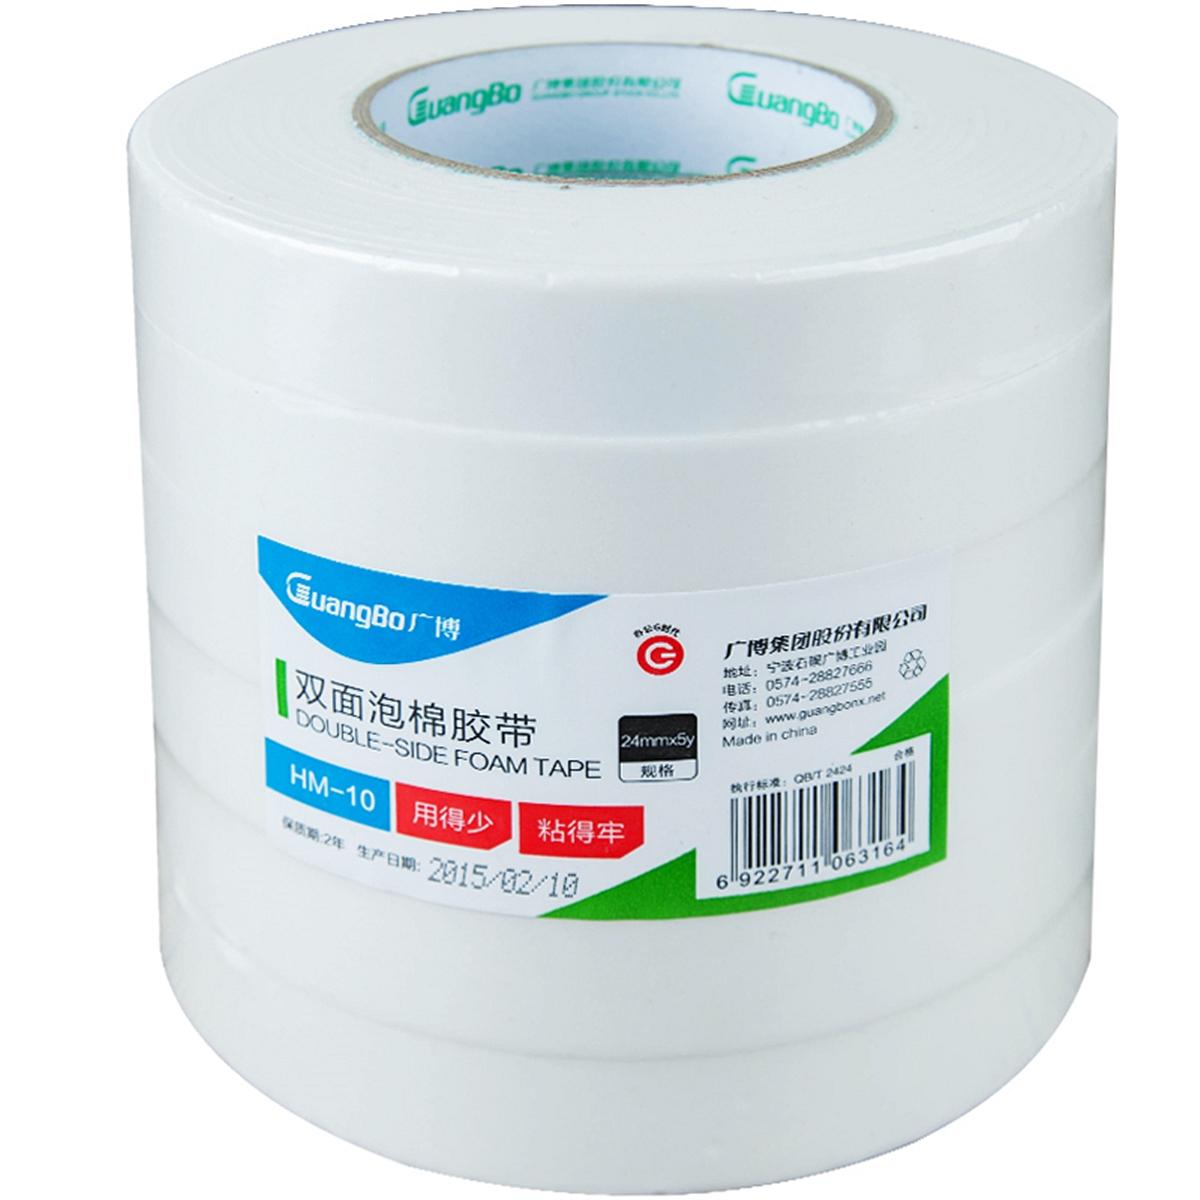 广博 HM-10 海棉胶带 6卷/筒 (单位:筒) 白色